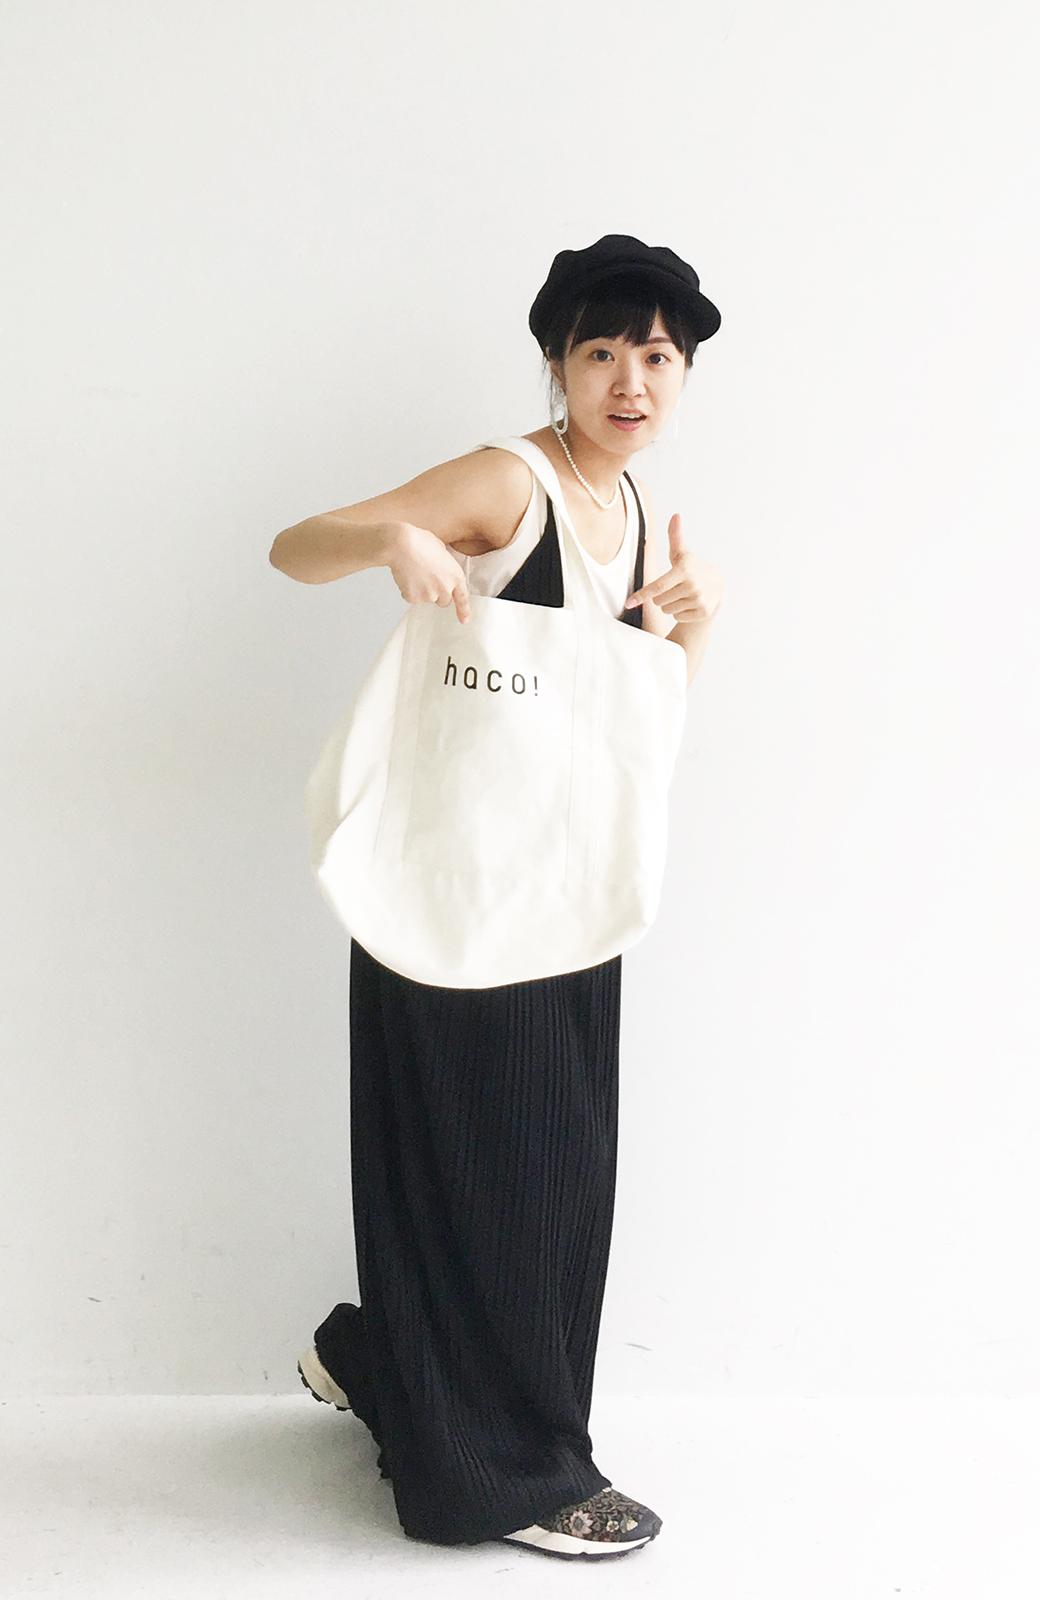 haco! 【スタッフスペシャルセット】maruの大人になってもやんちゃなカジュアル派へ!かわいげUPセット <その他>の商品写真29